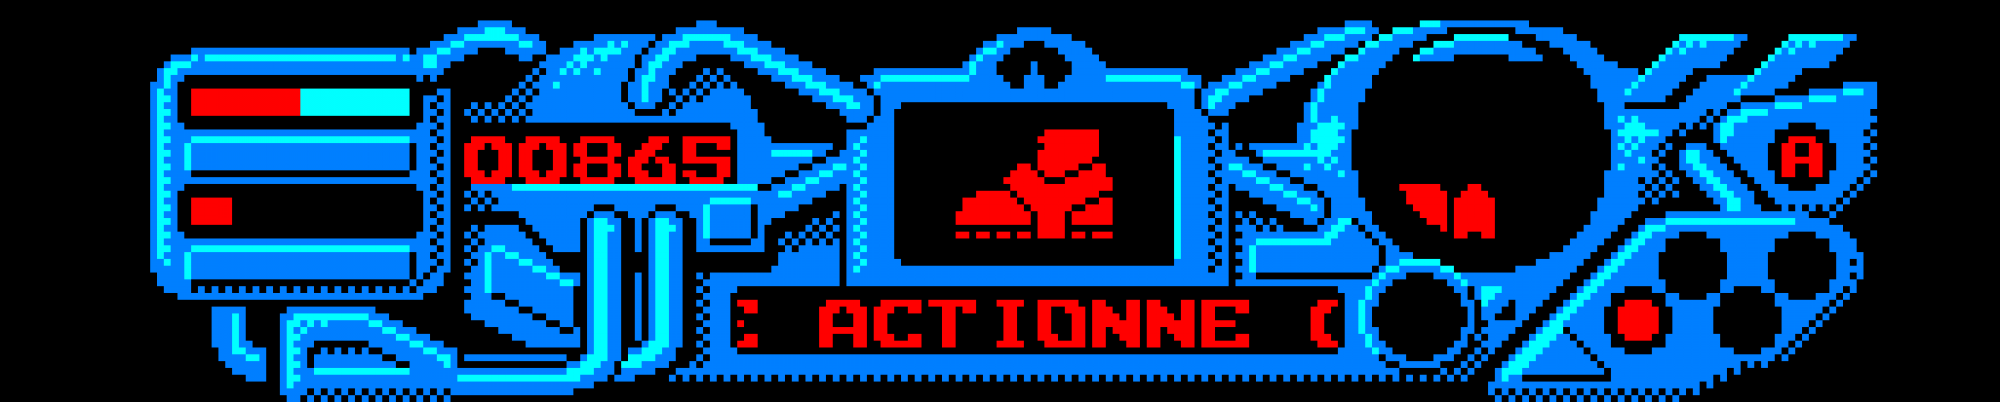 Amstrad CPC Techniques